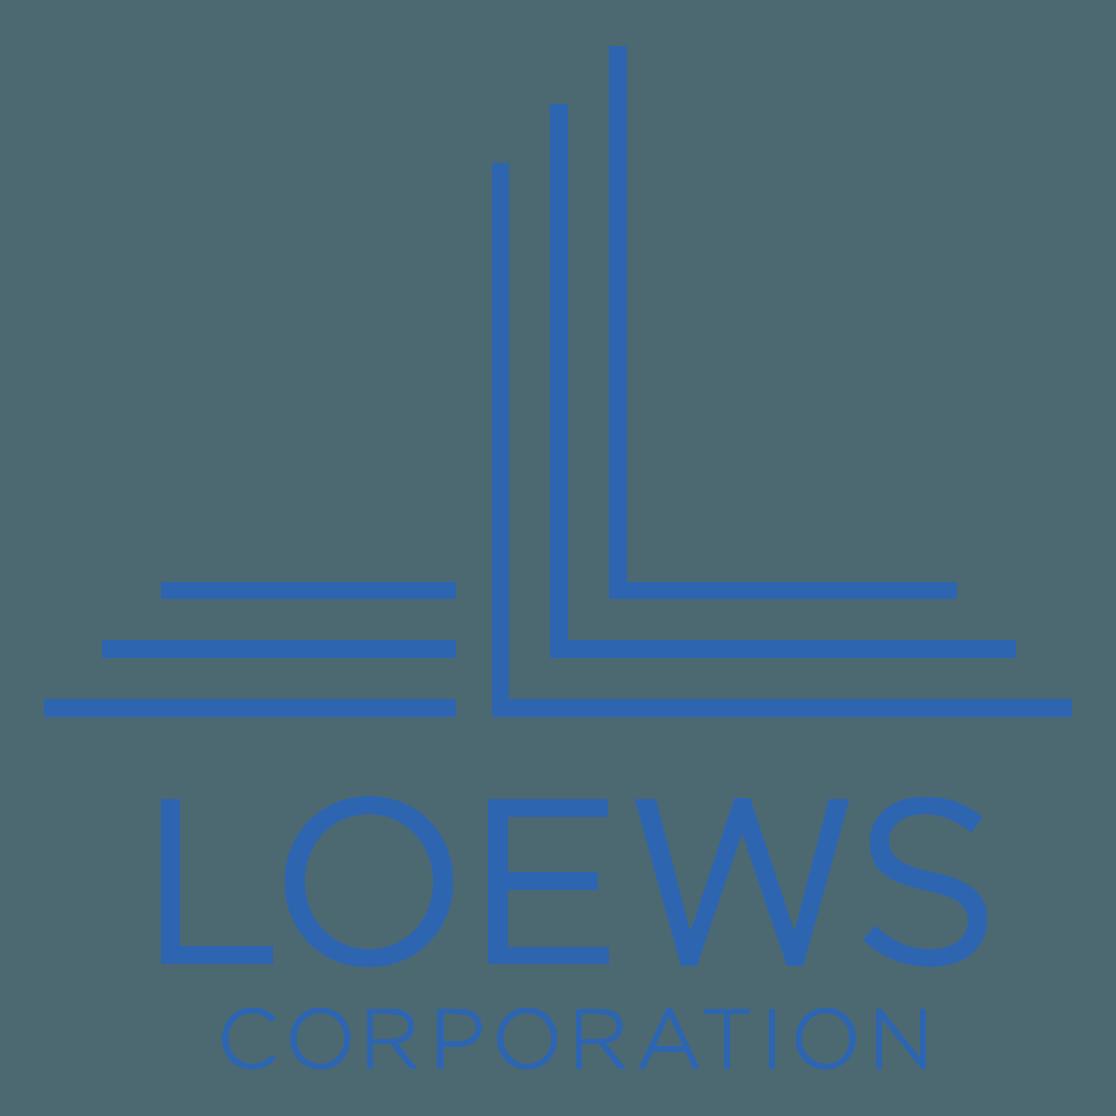 Loews Logo Logos Png Images Logo Branding